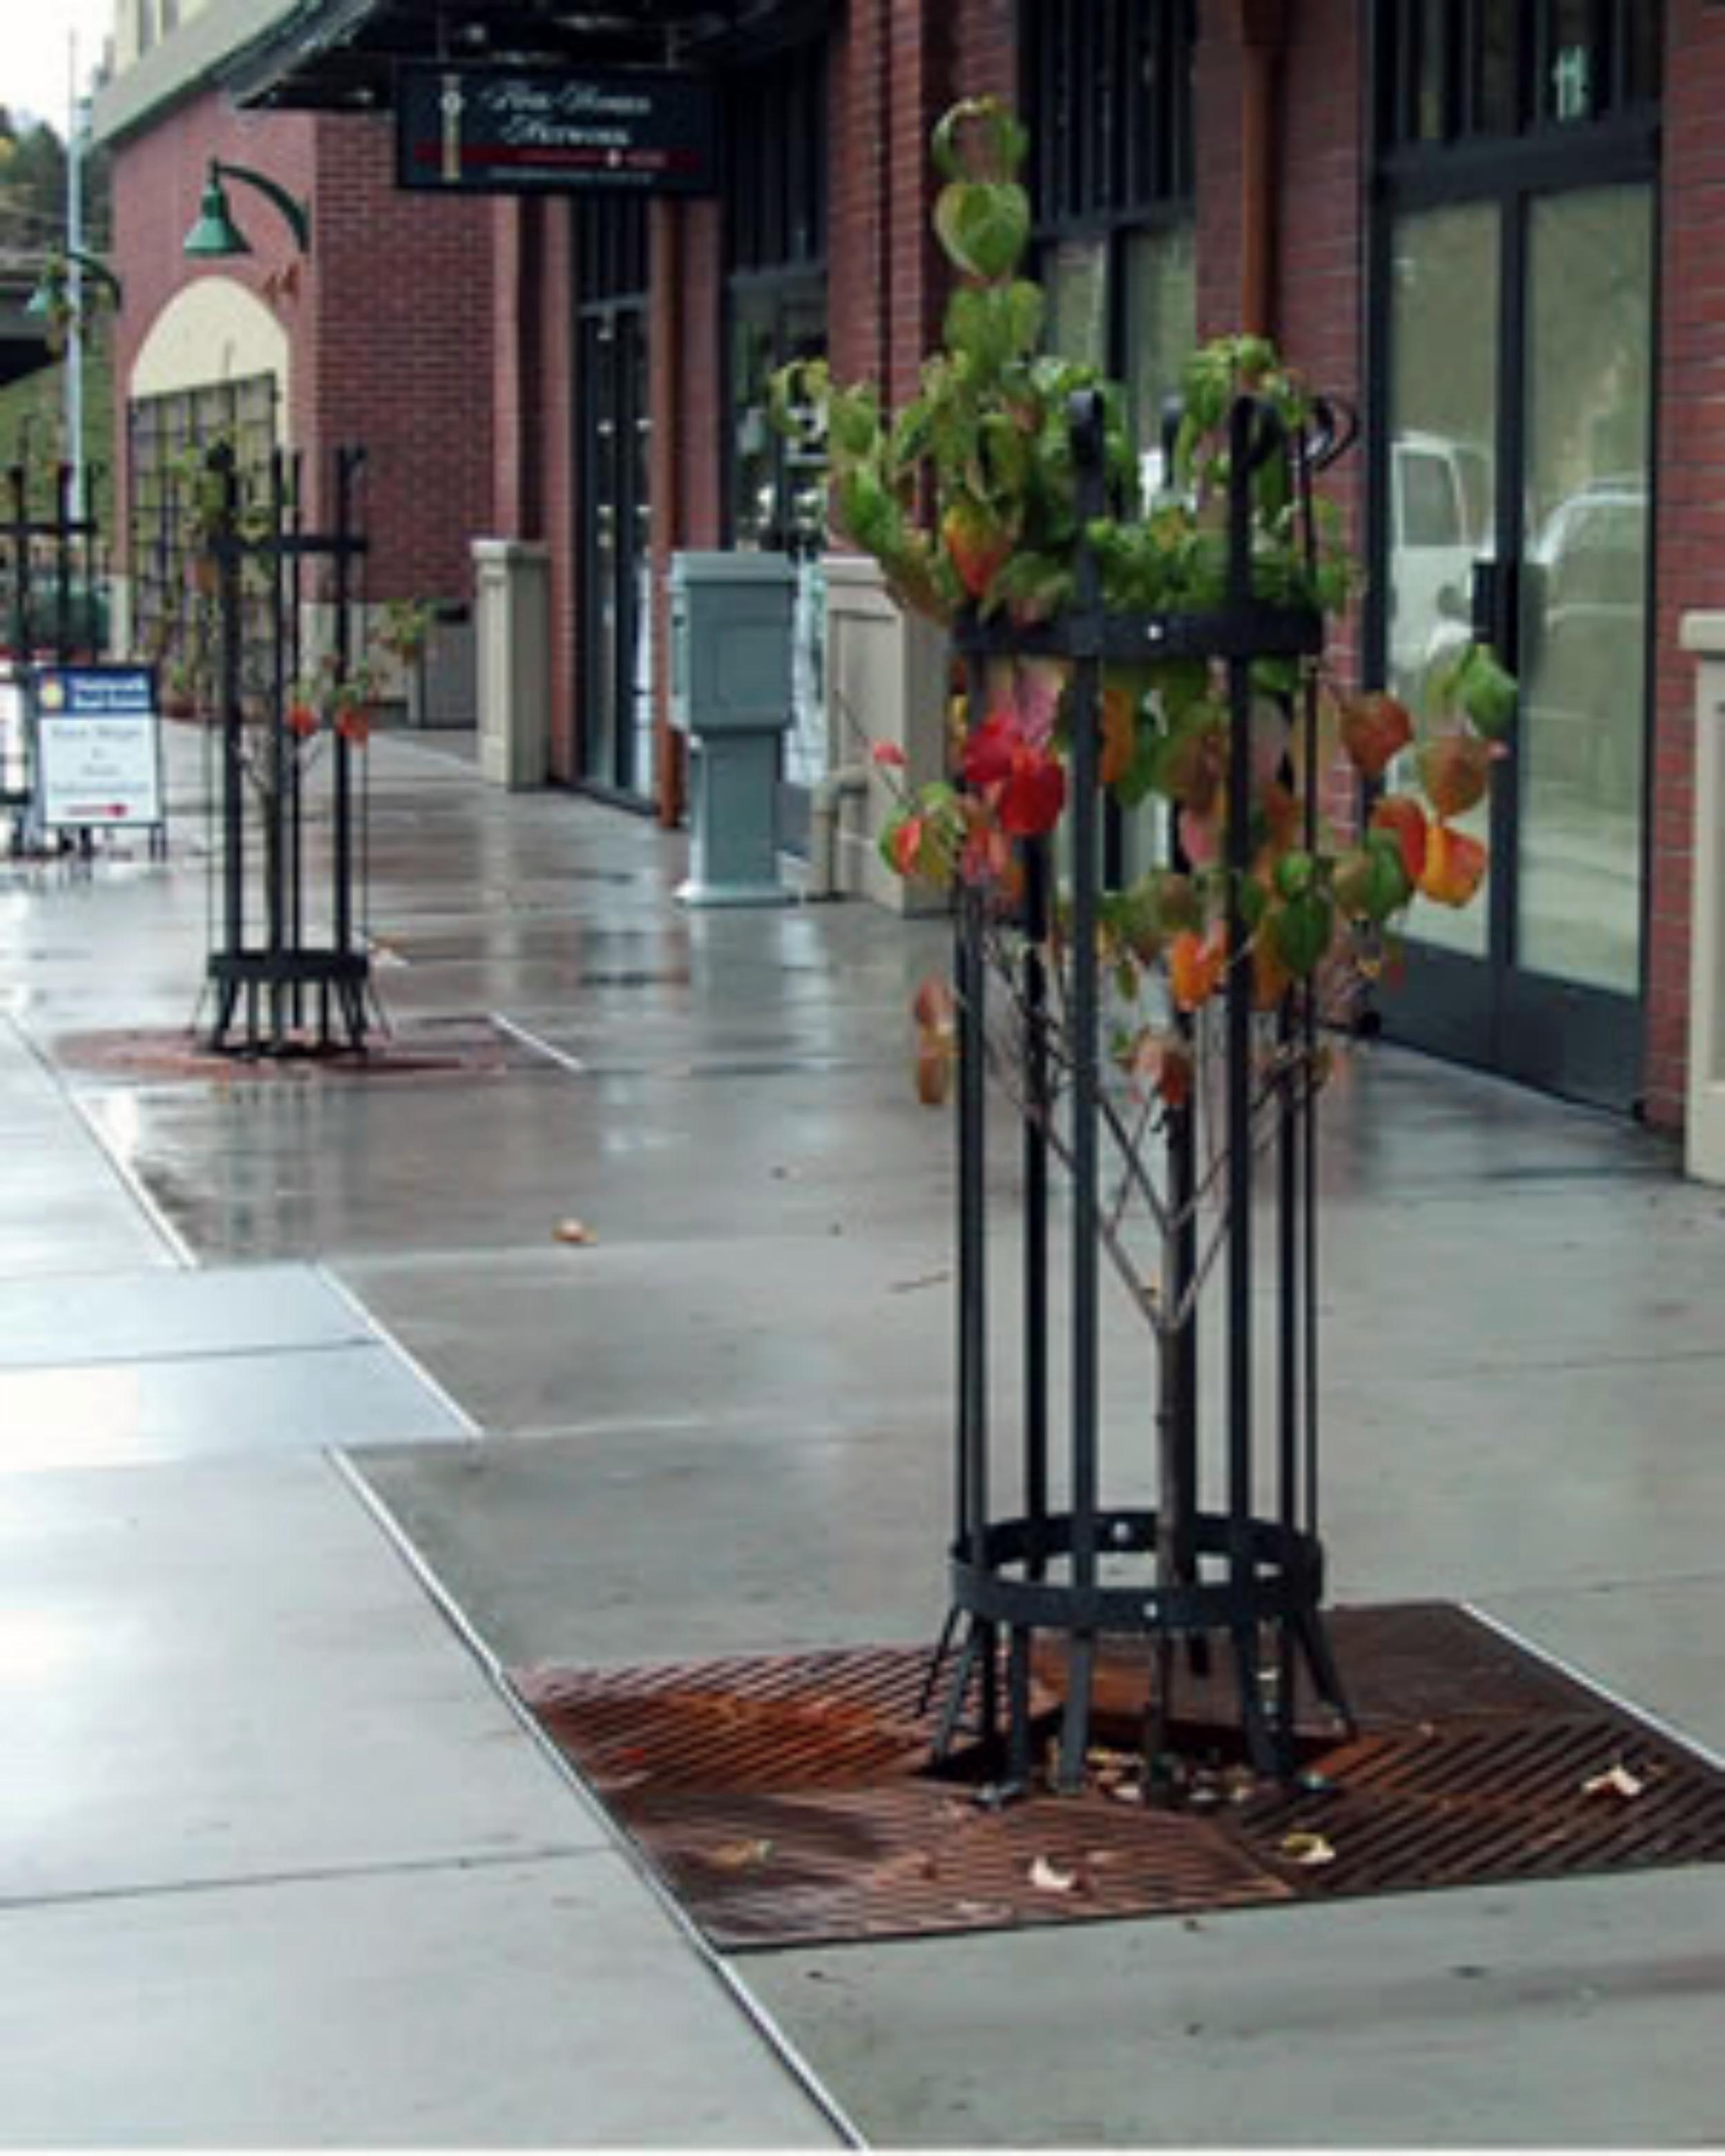 Protectores de árboles con fines decorativos en centro comercial.